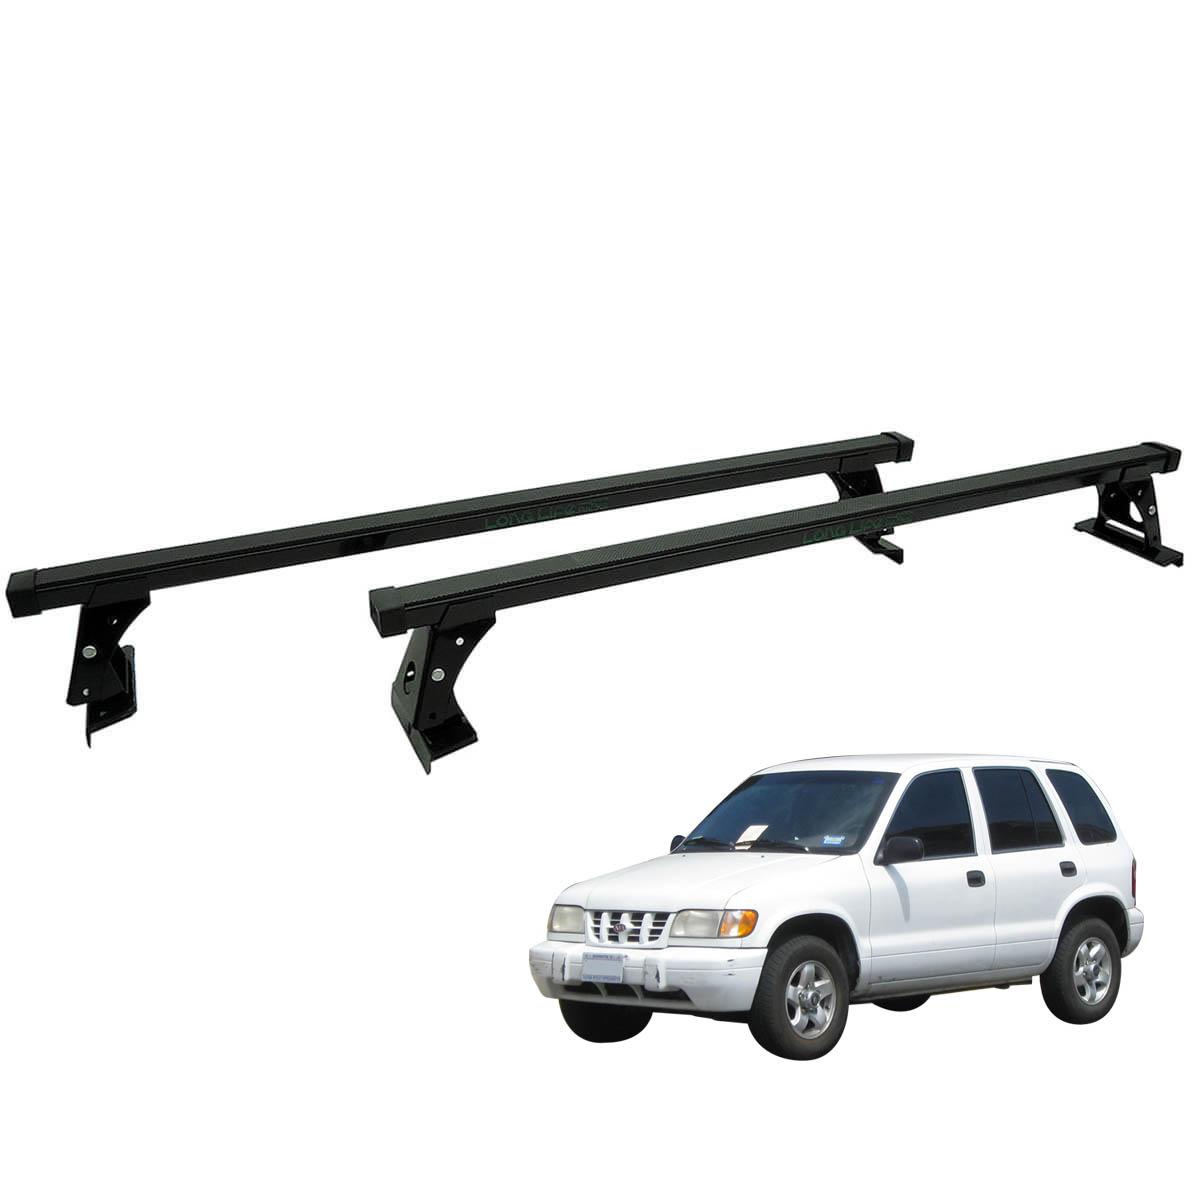 Rack de teto Long Life Aço Sportage até 2004 sem longarina de teto